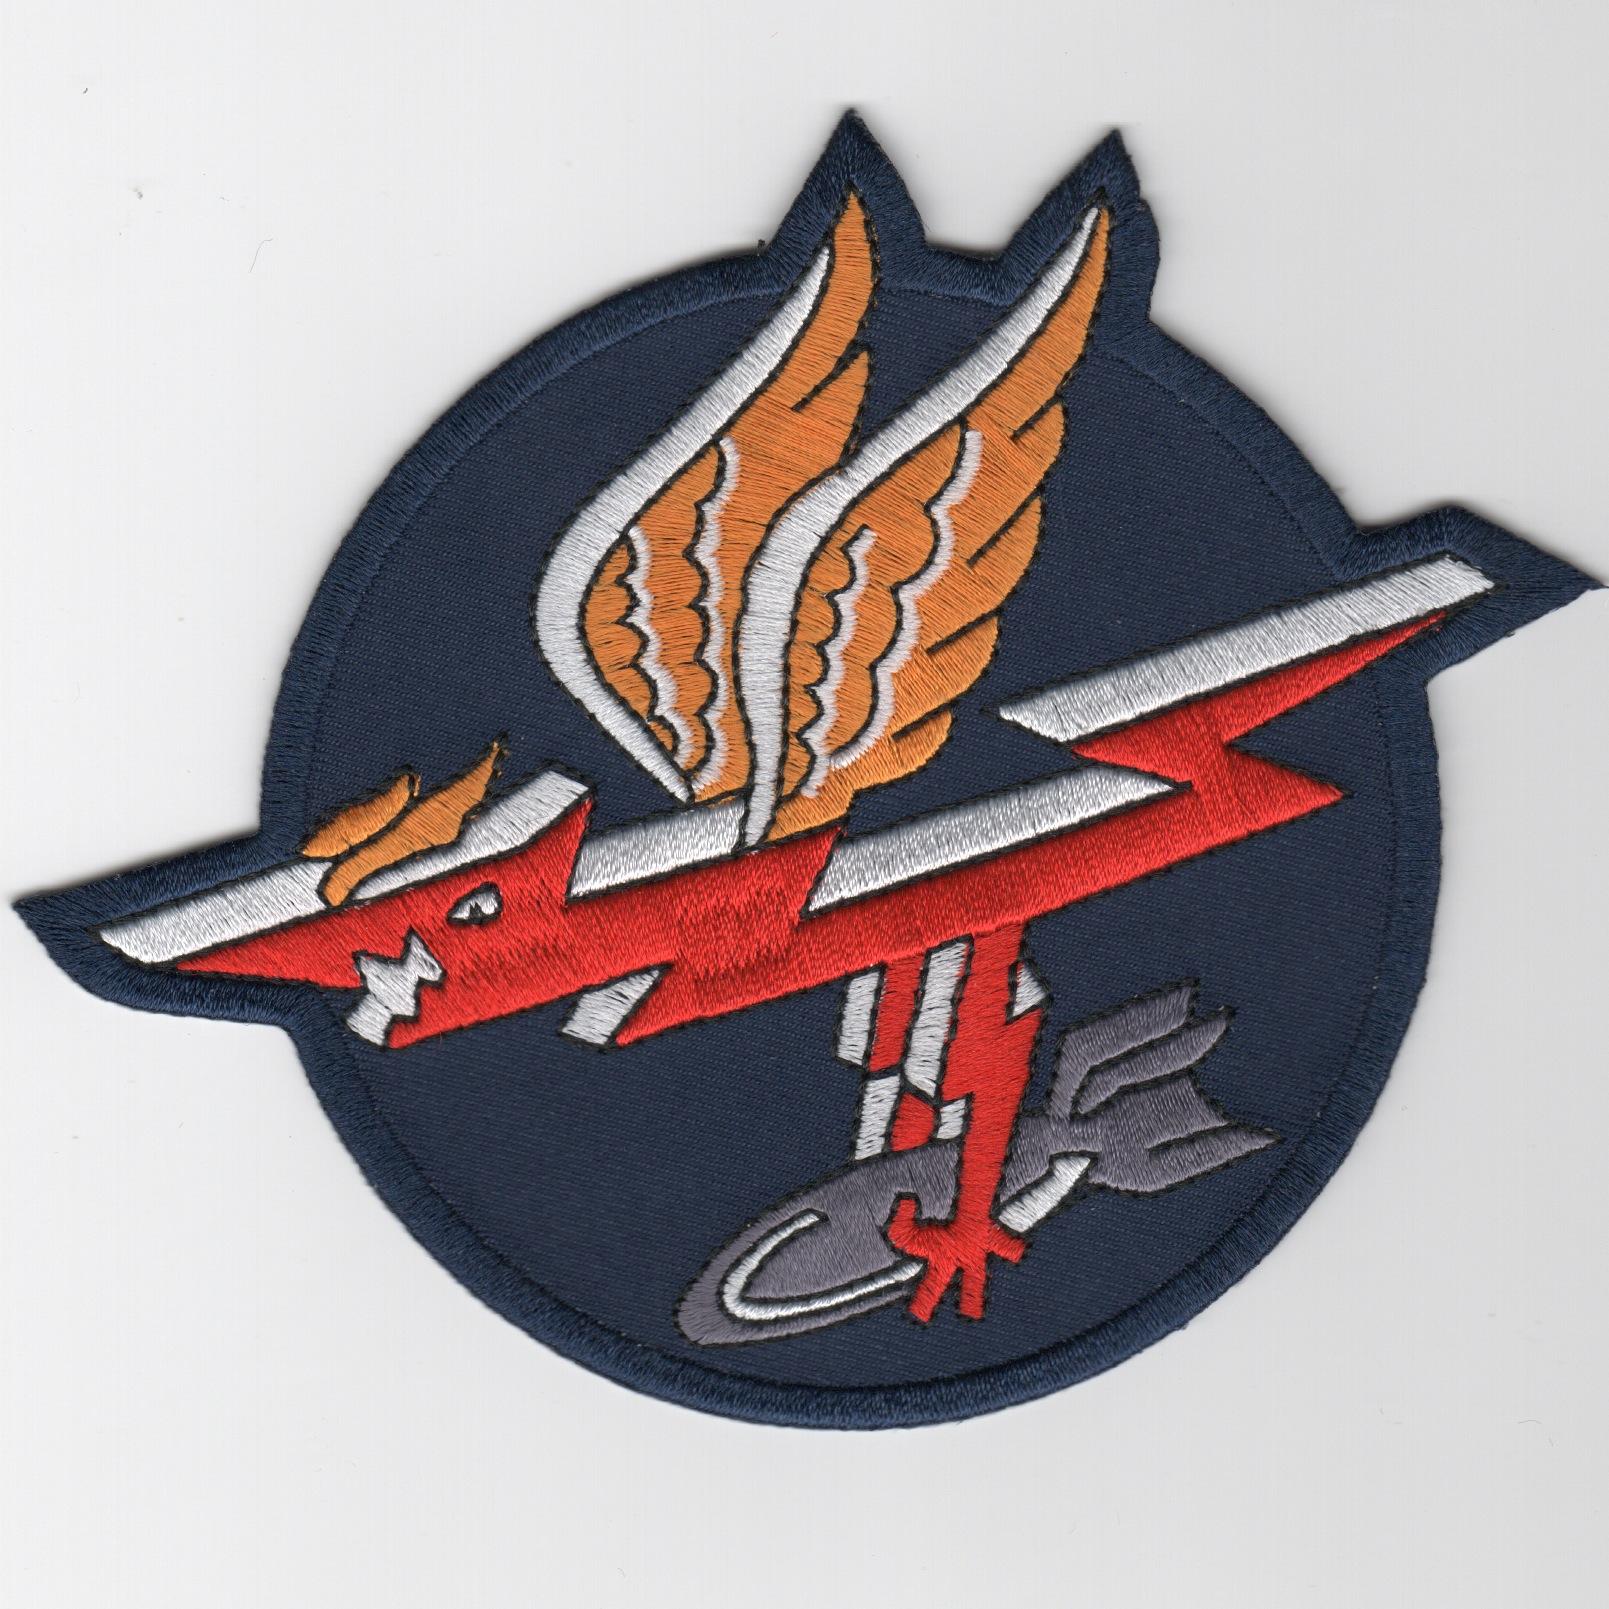 AV8R Stuff - USAF F-15E Patches